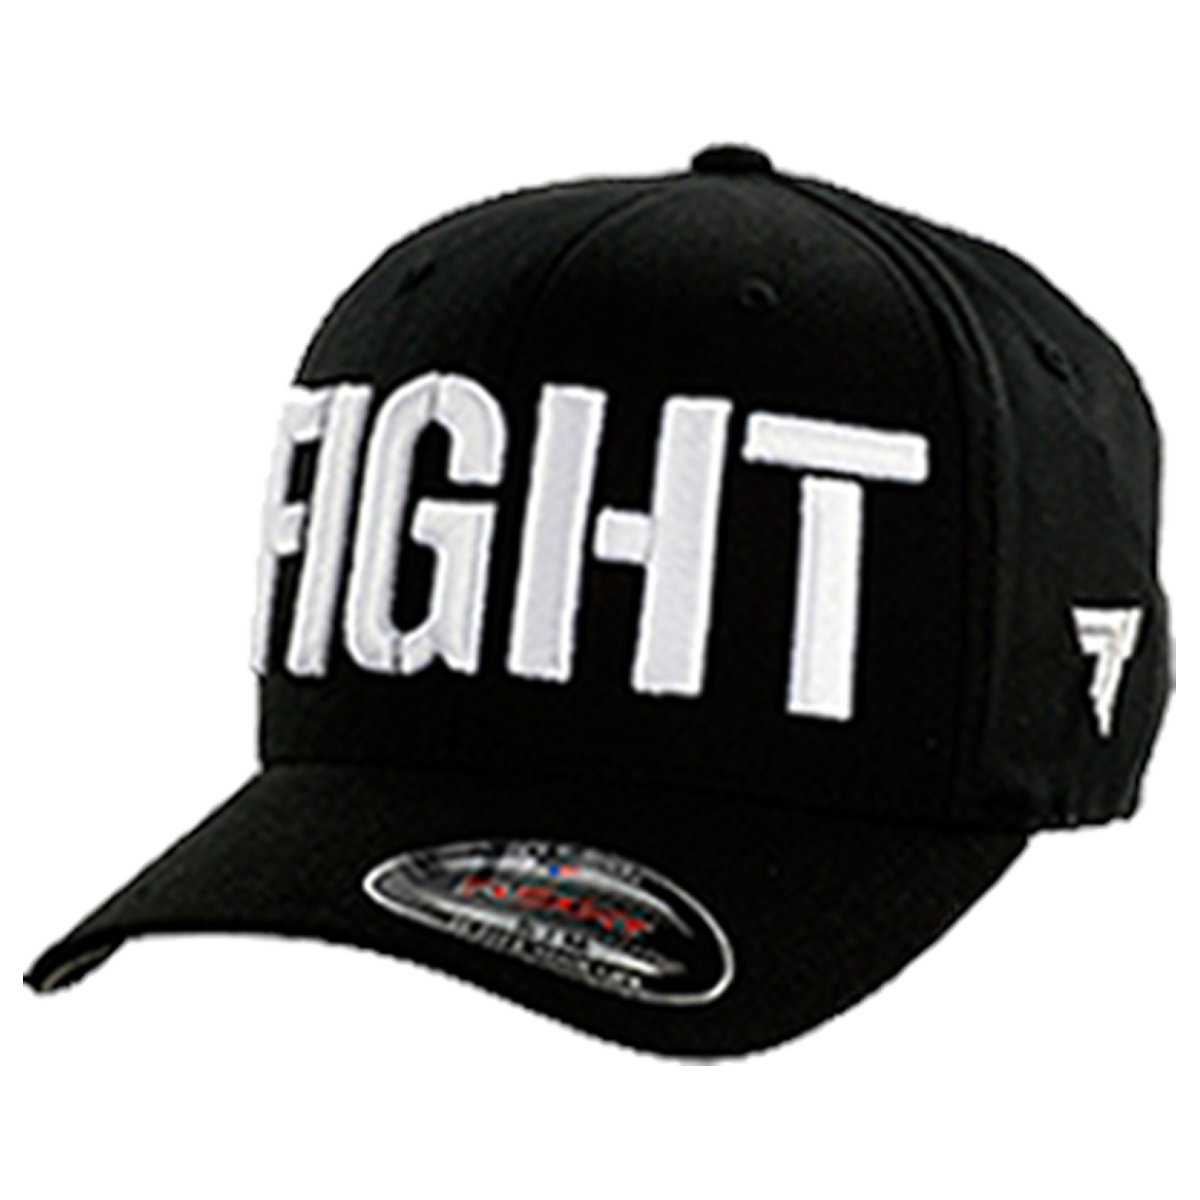 FULLCAP 001 - FIGHT - BLACK